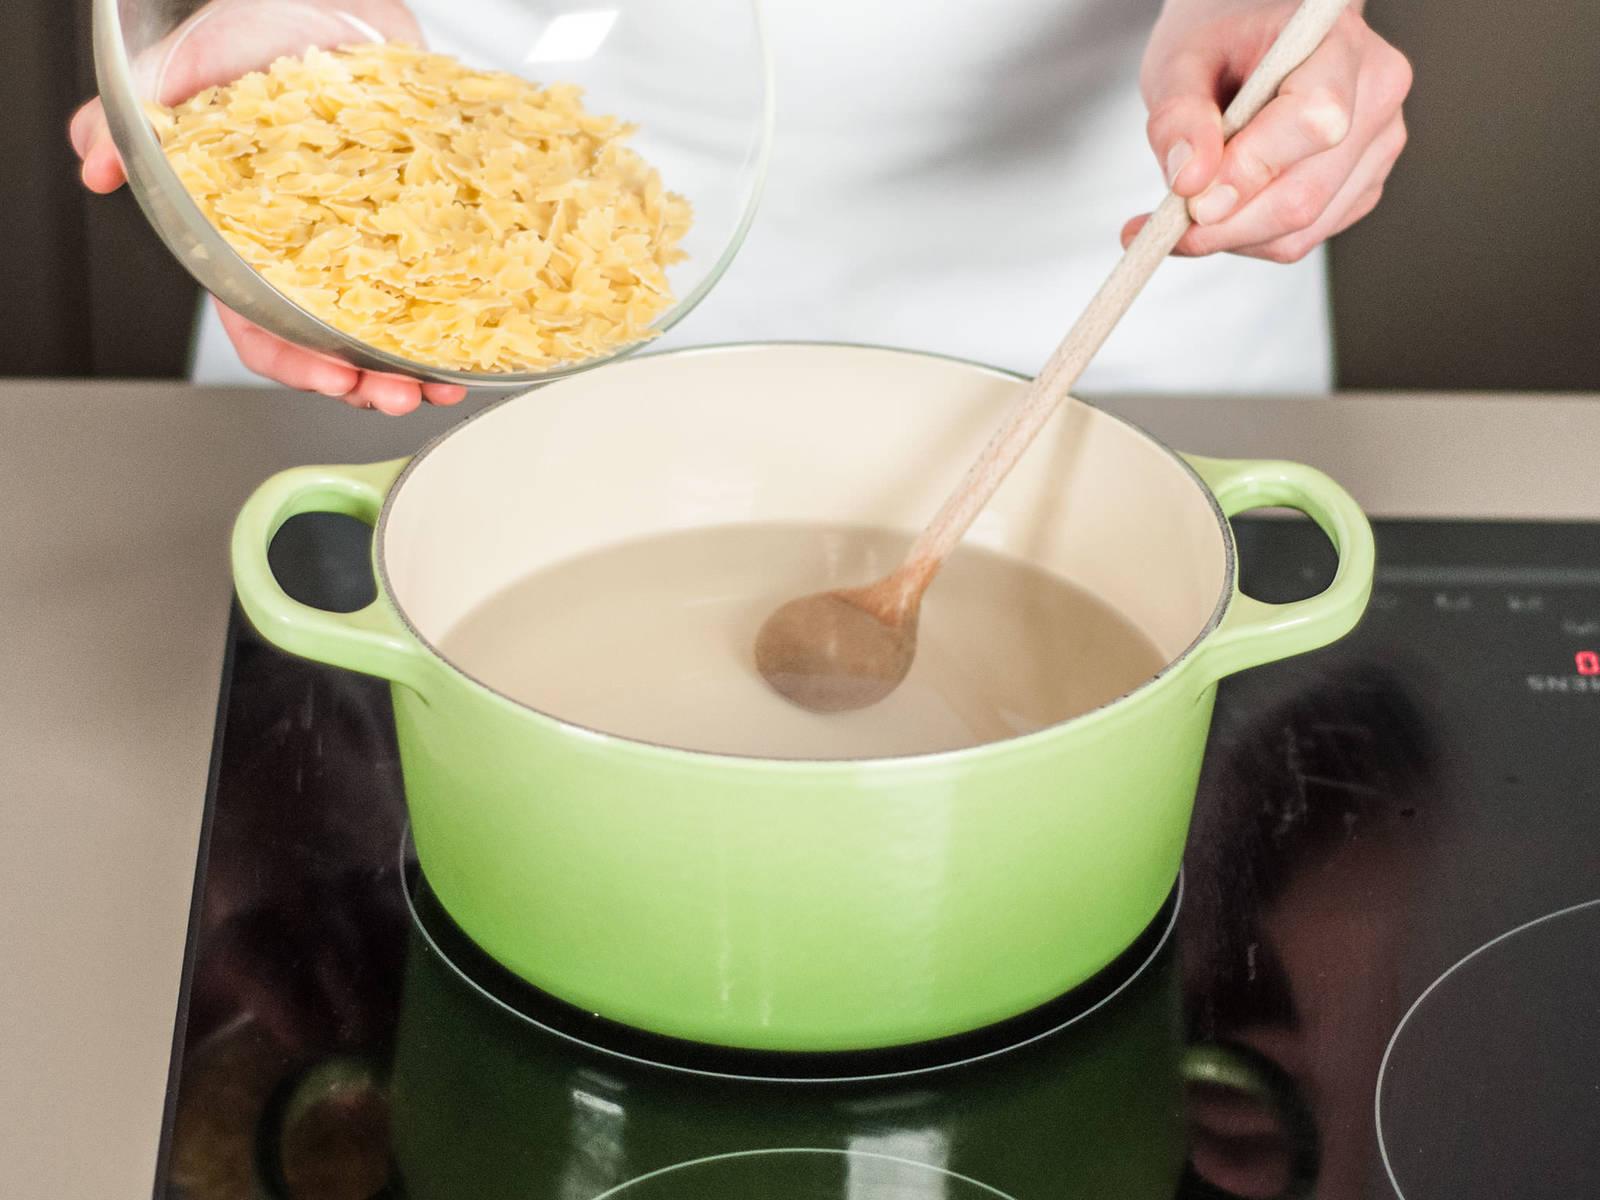 Nudeln nach Packungsanweisung in gesalzenem, kochendem Wasser, für ca. 8 – 10 Min. kochen lassen.  Abgießen und zur Seite stellen.